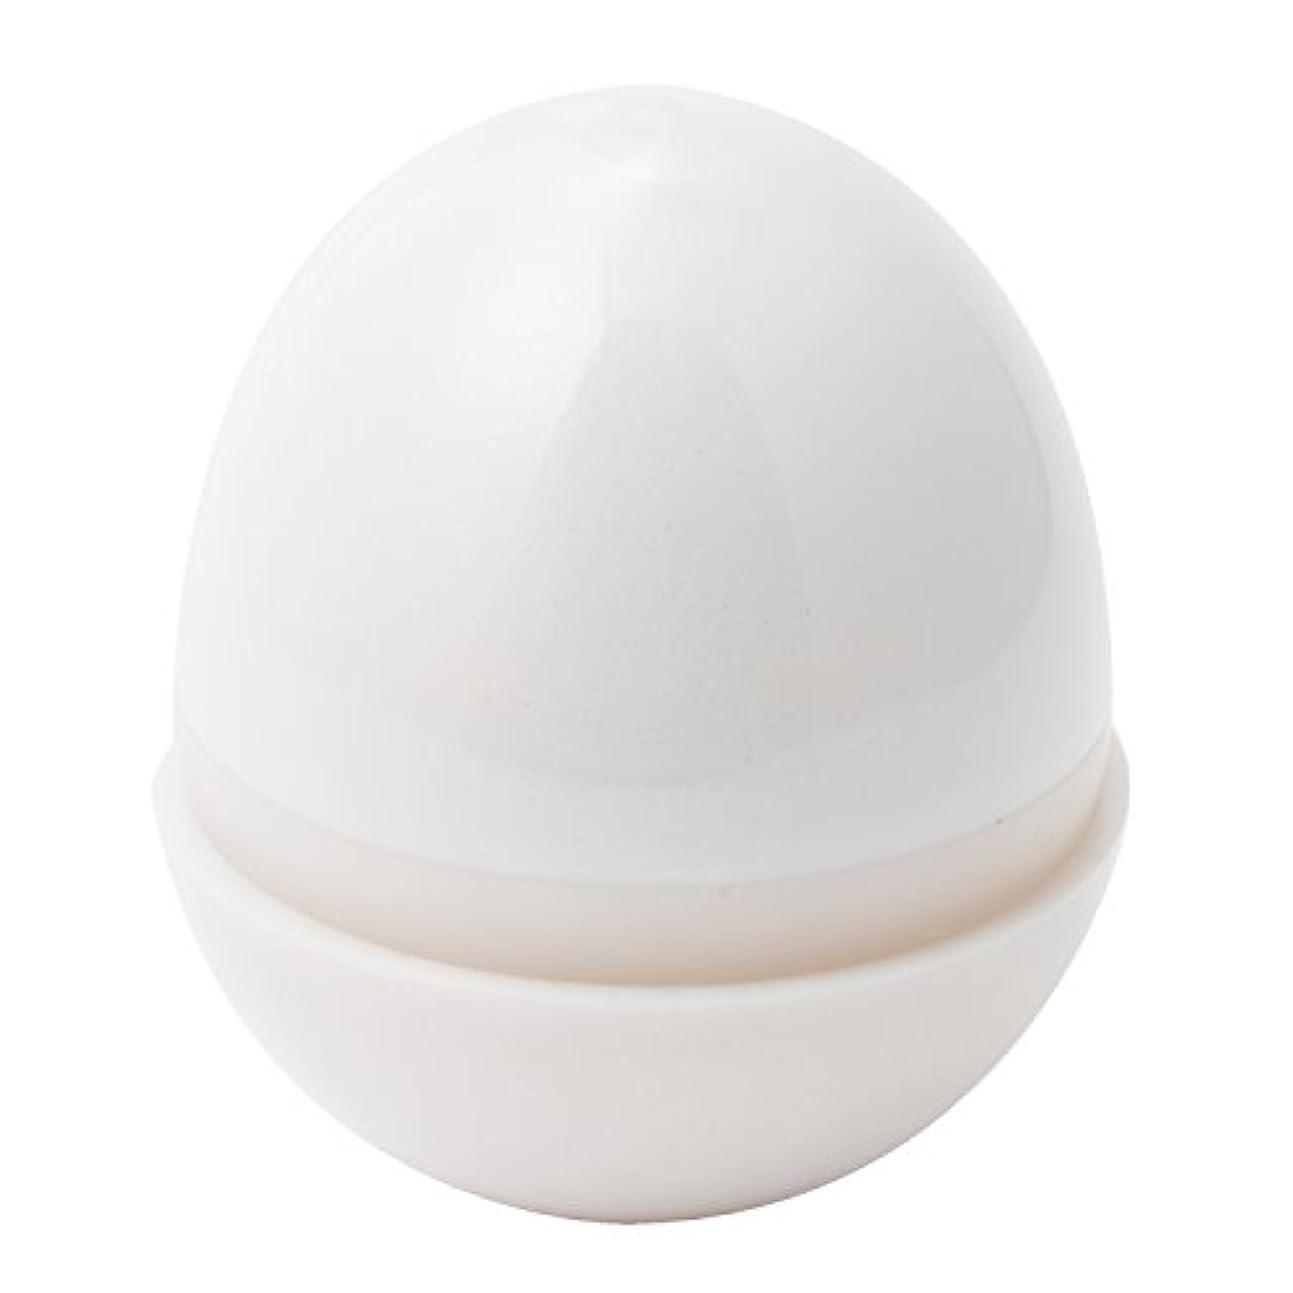 マンモス展望台冷淡なユビタマゴ3 (ゆびたまご3) 磁石内蔵!美顔器 美顔ローラー